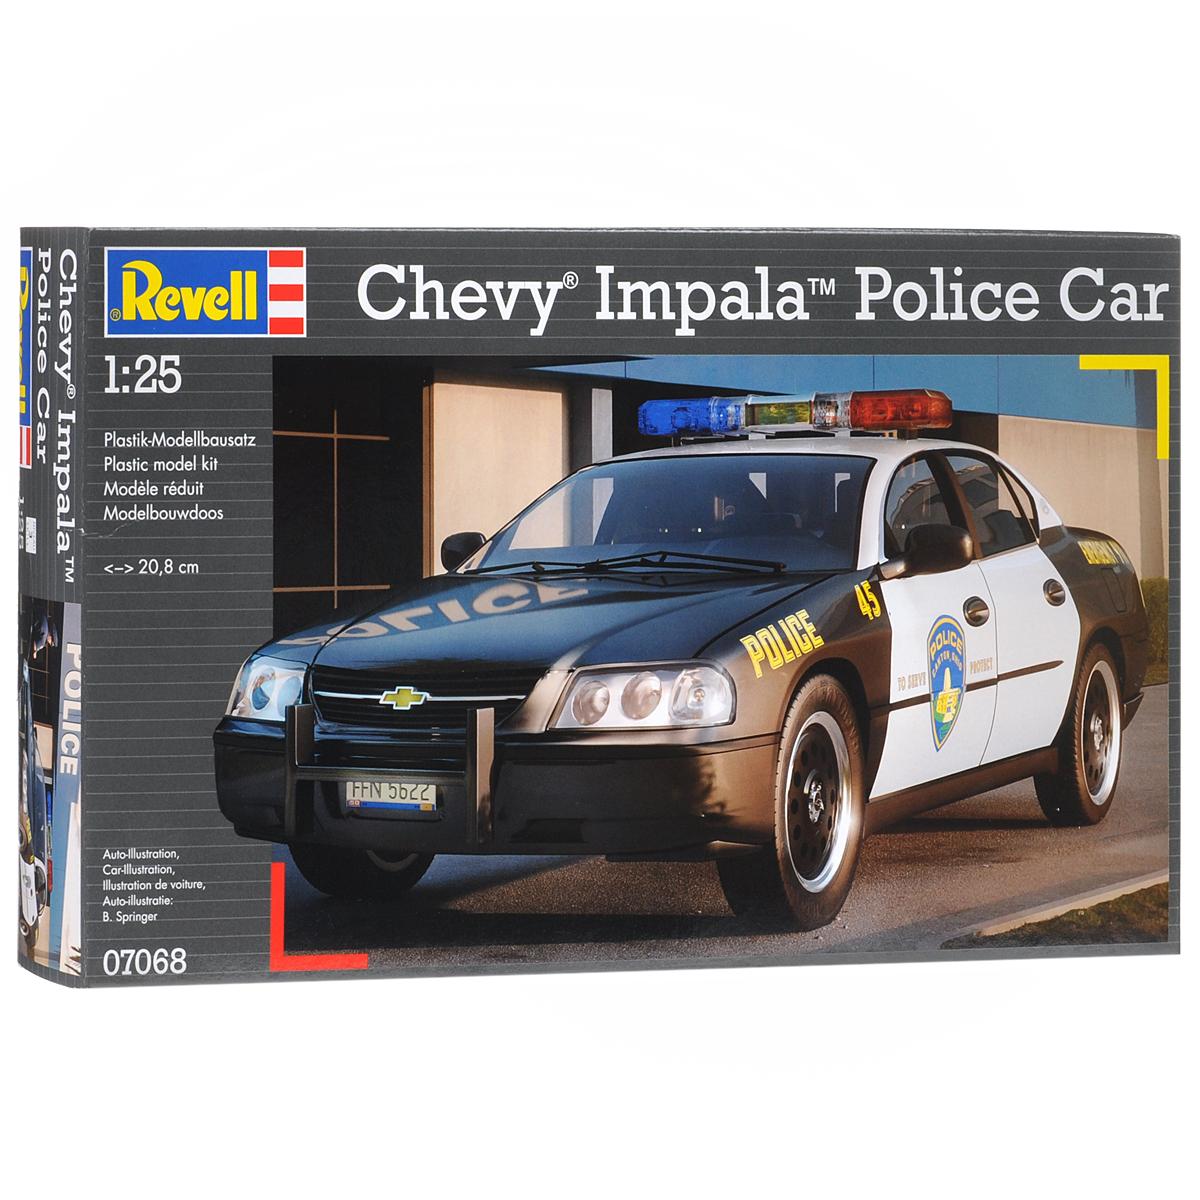 Сборная модель Revell Полицейская машина Chevy Impala07068Сборная модель Revell Полицейская машина Chevy Impala поможет вам и вашему ребенку придумать увлекательное занятие на долгое время. Набор включает в себя 44 пластиковых элемента, из которых можно собрать достоверную уменьшенную копию одноименного автомобиля. Chevrolet Impala - культовый американский полноразмерный автомобиль, выпускавшийся подразделением корпорации GM Chevrolet. В модельном ряду автомобиль занимал различное положение в зависимости от года выпуска. До 1965 года это был самый дорогой легковой Шевроле. С 1965 по 1985 Импала занимала по цене промежуточное положение между люксовой модификацией Chevrolet Caprice и дешевыми Chevrolet Bel Air и Biscayne. Также в наборе схематичная инструкция по сборке. Процесс сборки развивает интеллектуальные и инструментальные способности, воображение и конструктивное мышление, а также прививает практические навыки работы со схемами и чертежами. Уровень сложности: 3. УВАЖАЕМЫЕ КЛИЕНТЫ! ...